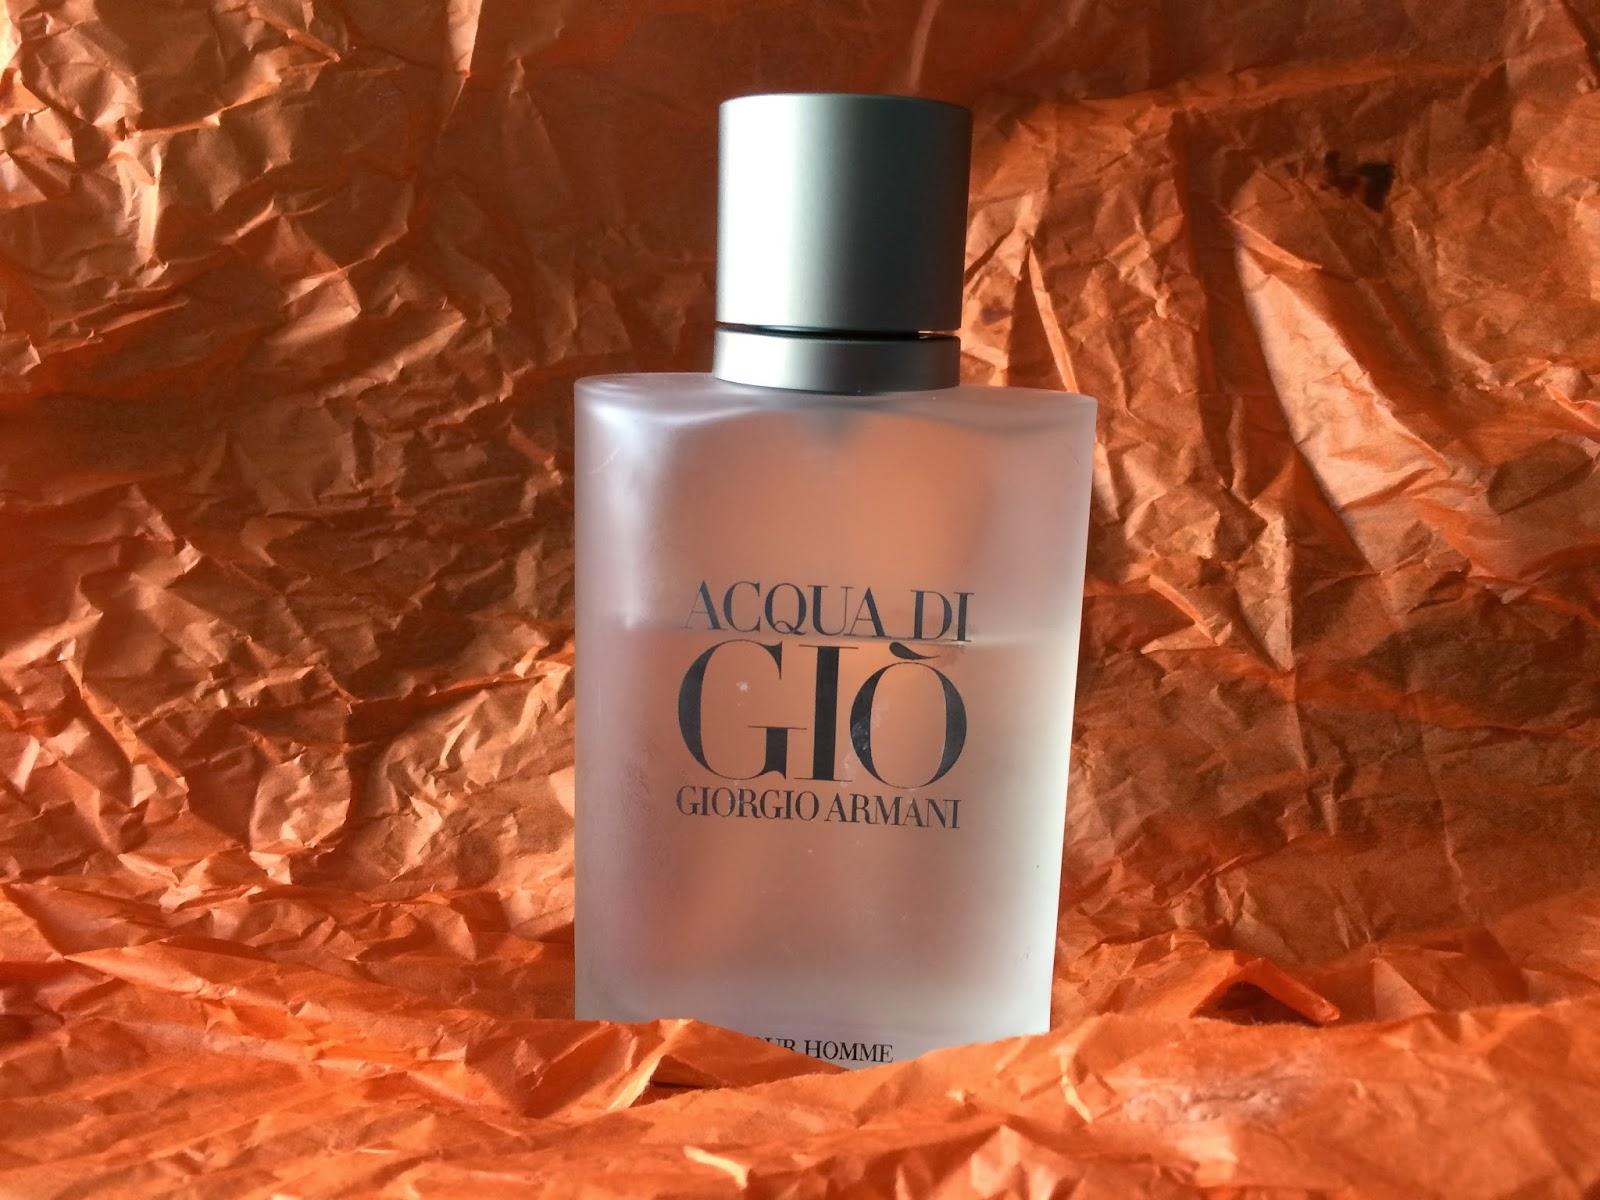 Acqua De Gio by Giorgio Armani